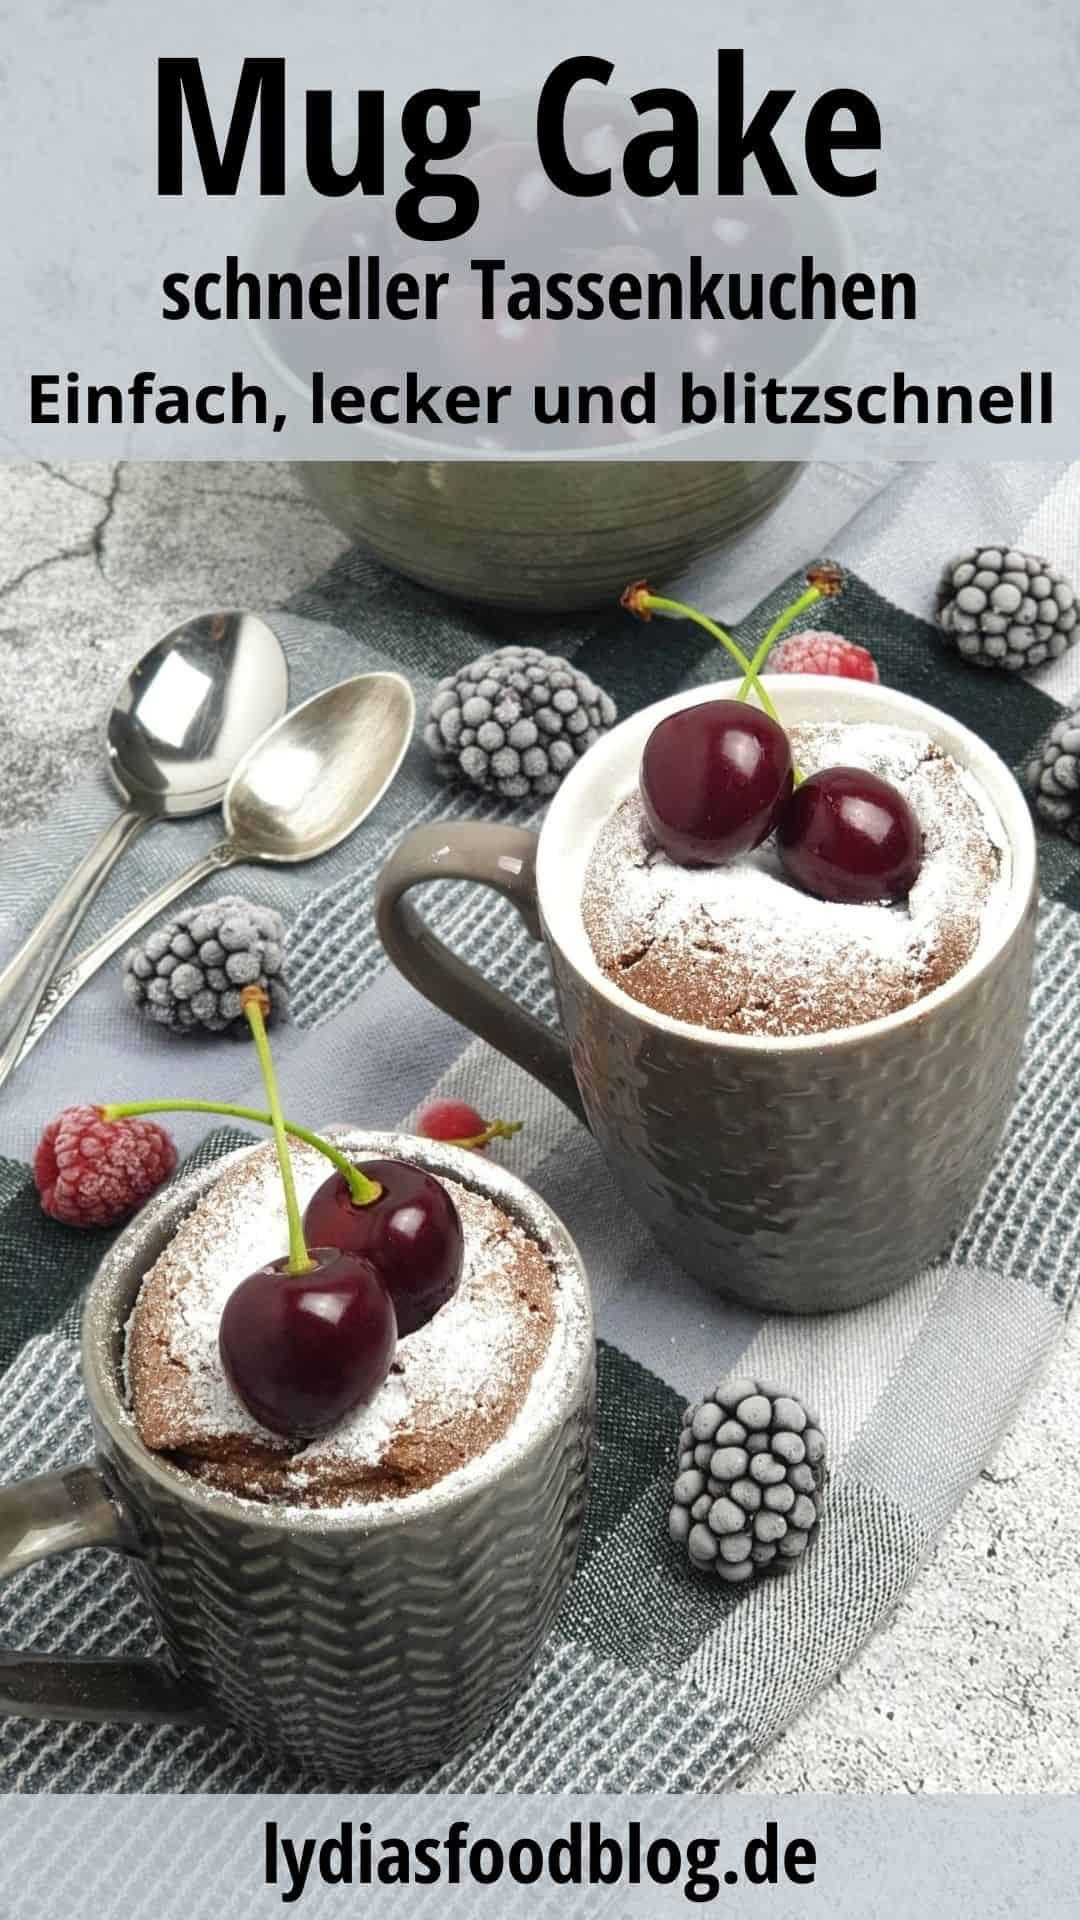 Zwei graue Tassen mit einem Mug Cake - Tassenkuchen. Bestreut mit Puderzucker und garniert mit Kirschen.